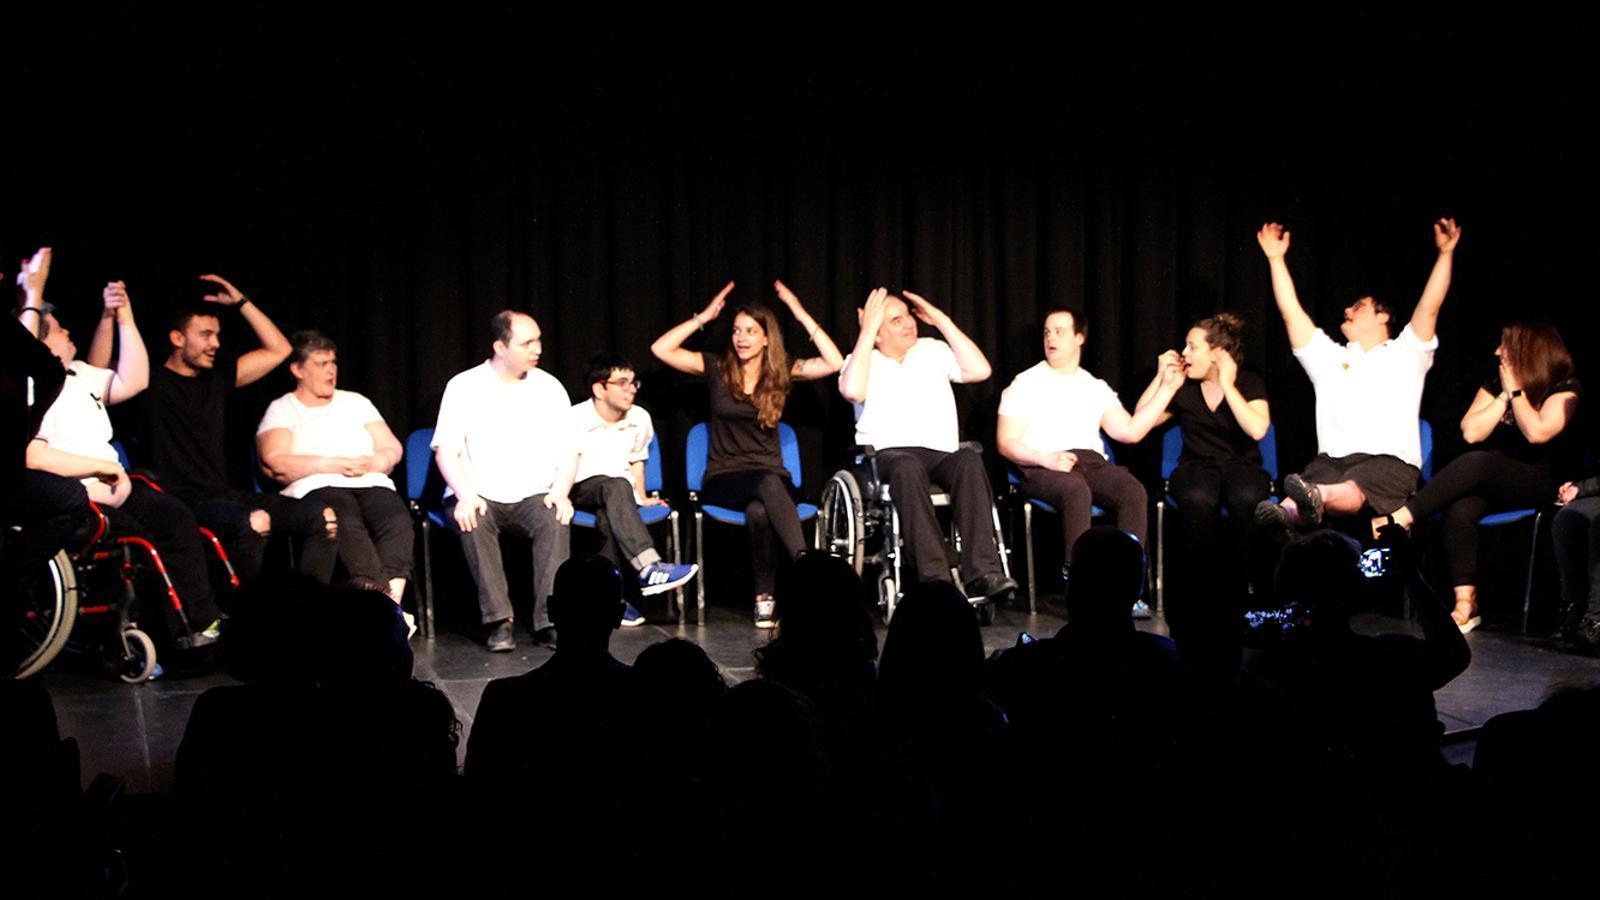 Un moment de l'espectacle 'ComuSiquem-nos', que s'ha ofert aquest divendres al migdia a la Llacuna. / M. F. (ANA)